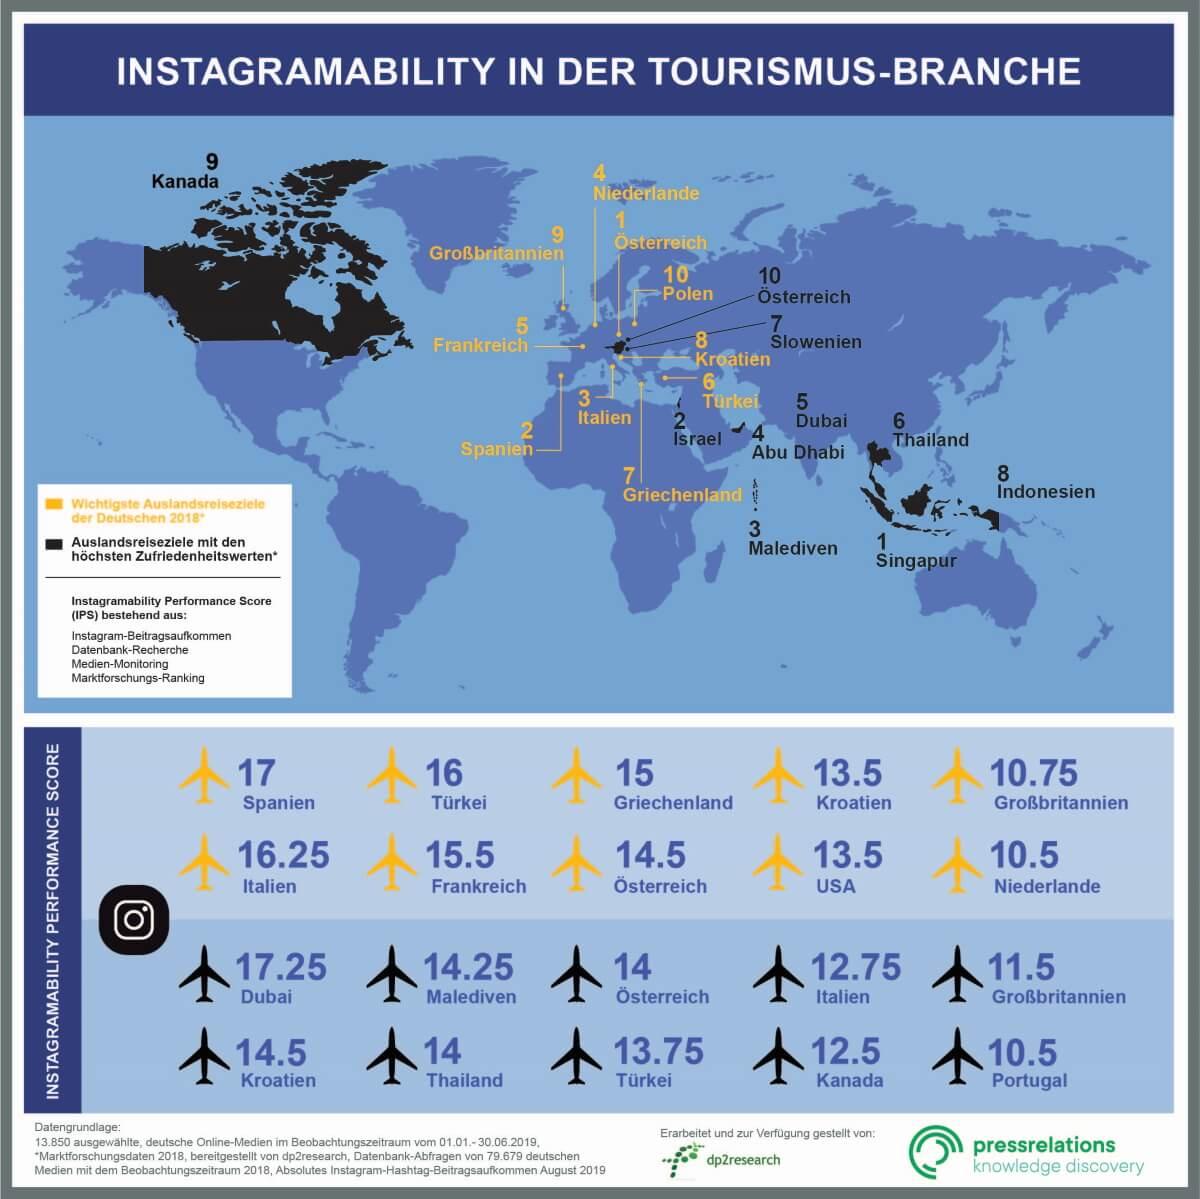 Die in gelb aufgelisteten Destinationen sind mittels Marktforschungsdaten ermittelt worden. Das schwarze Ranking des Instagramability Performance Scores zeigt eine deutlich diversere Aufstellung. Hier werden auch Sehnsuchtsorte mit hoher medialer Präsenz in die Bewertung aufgenommen.